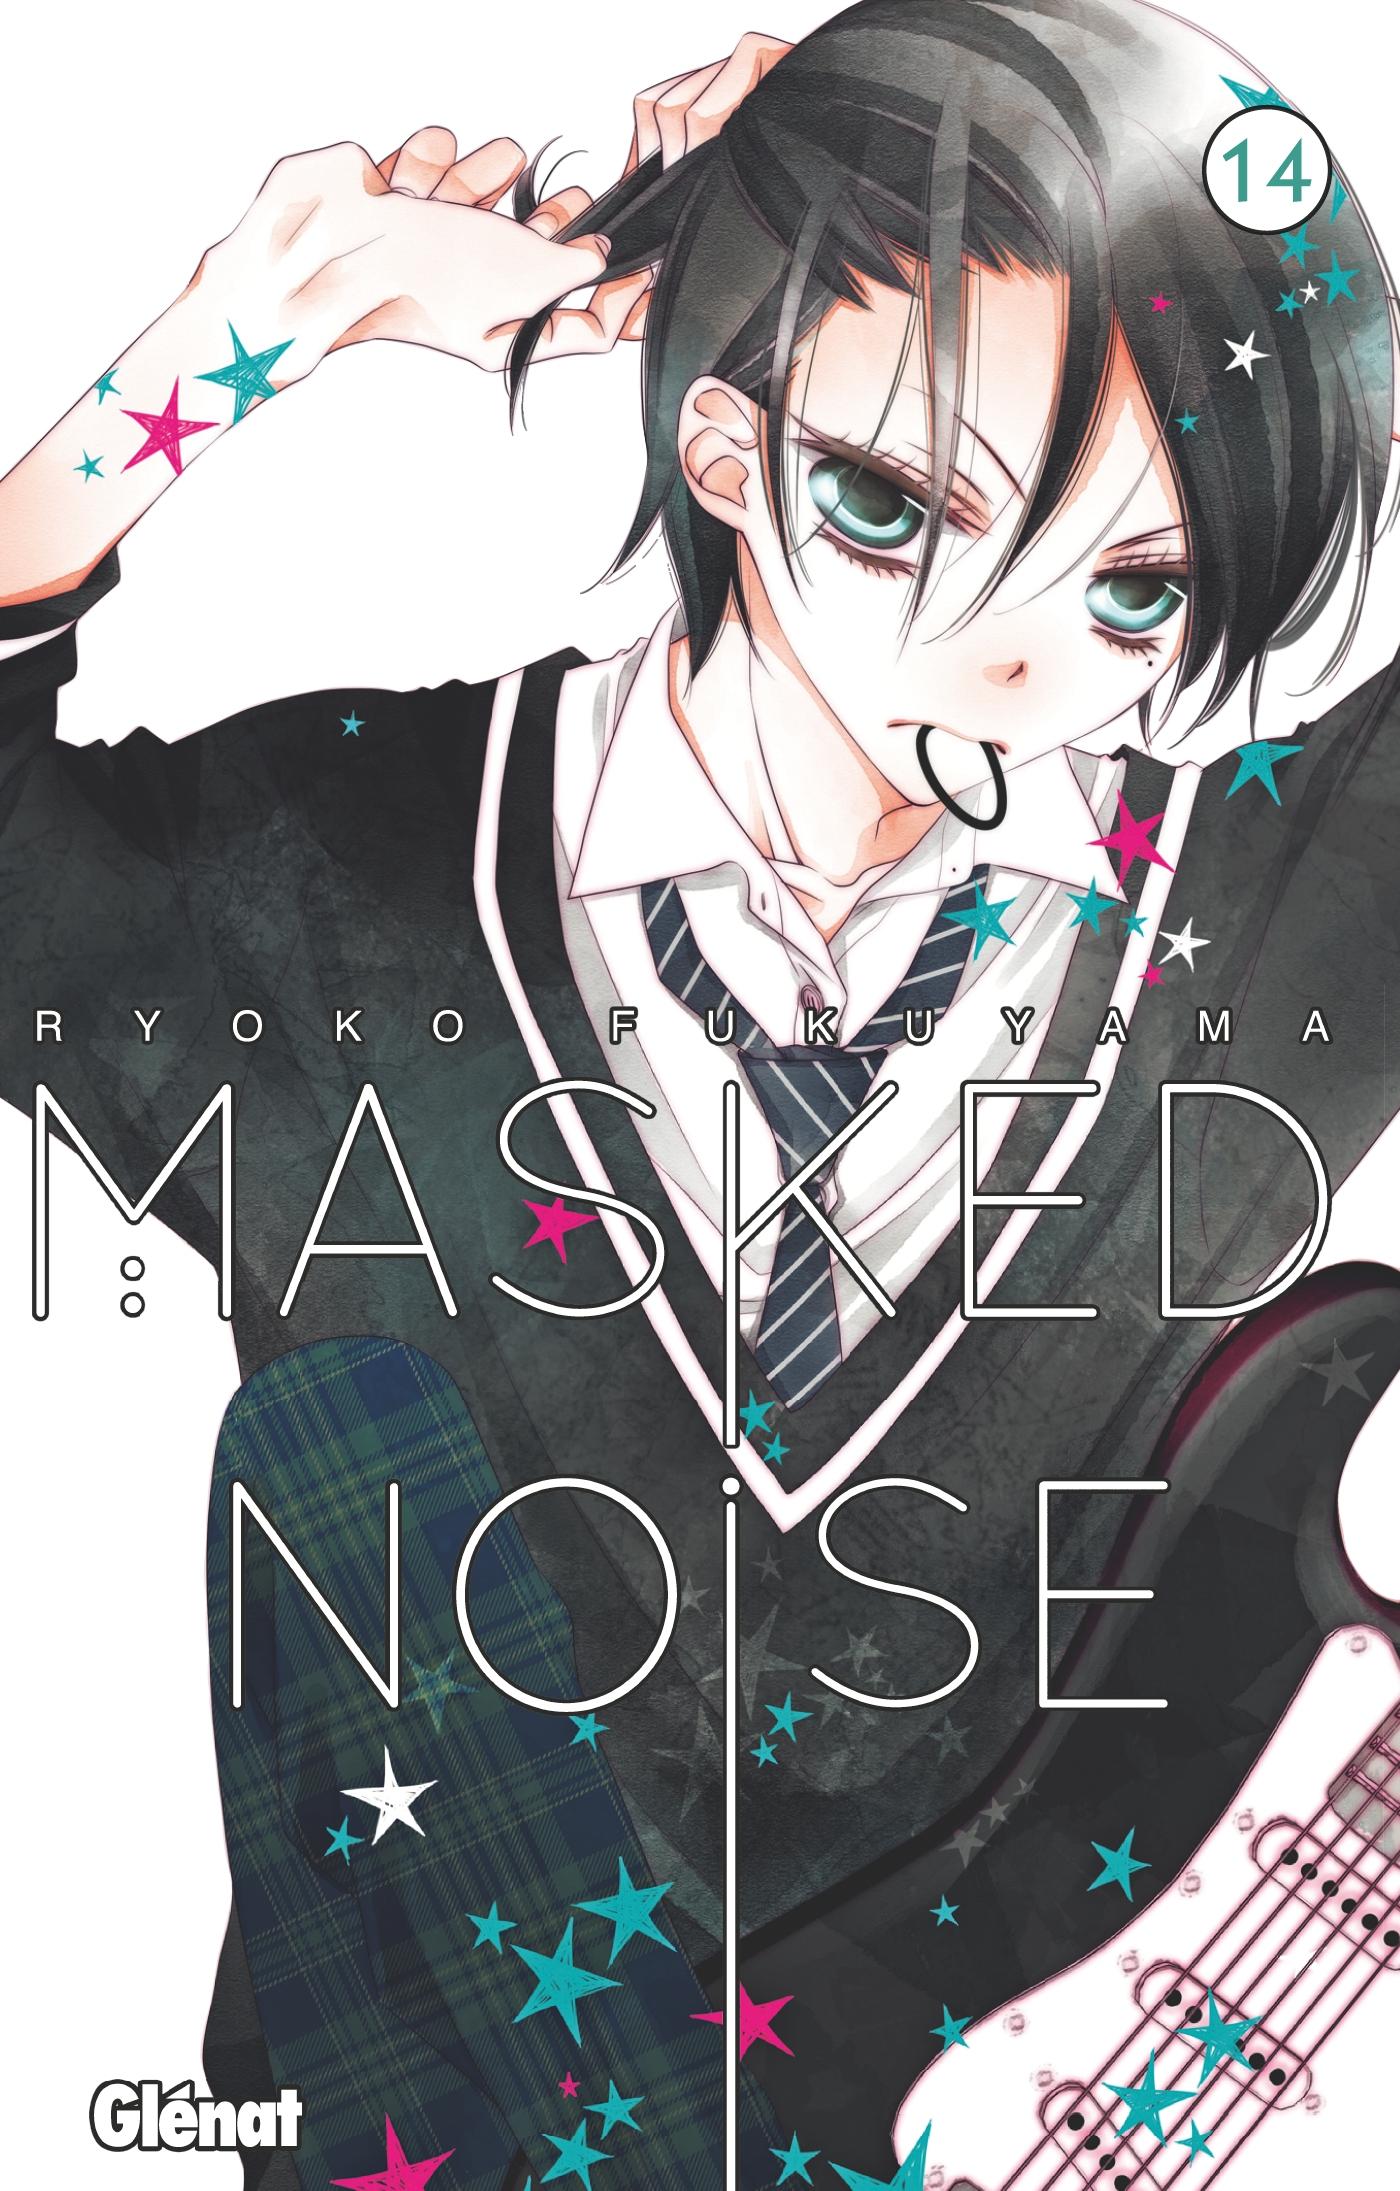 Masked noise 14